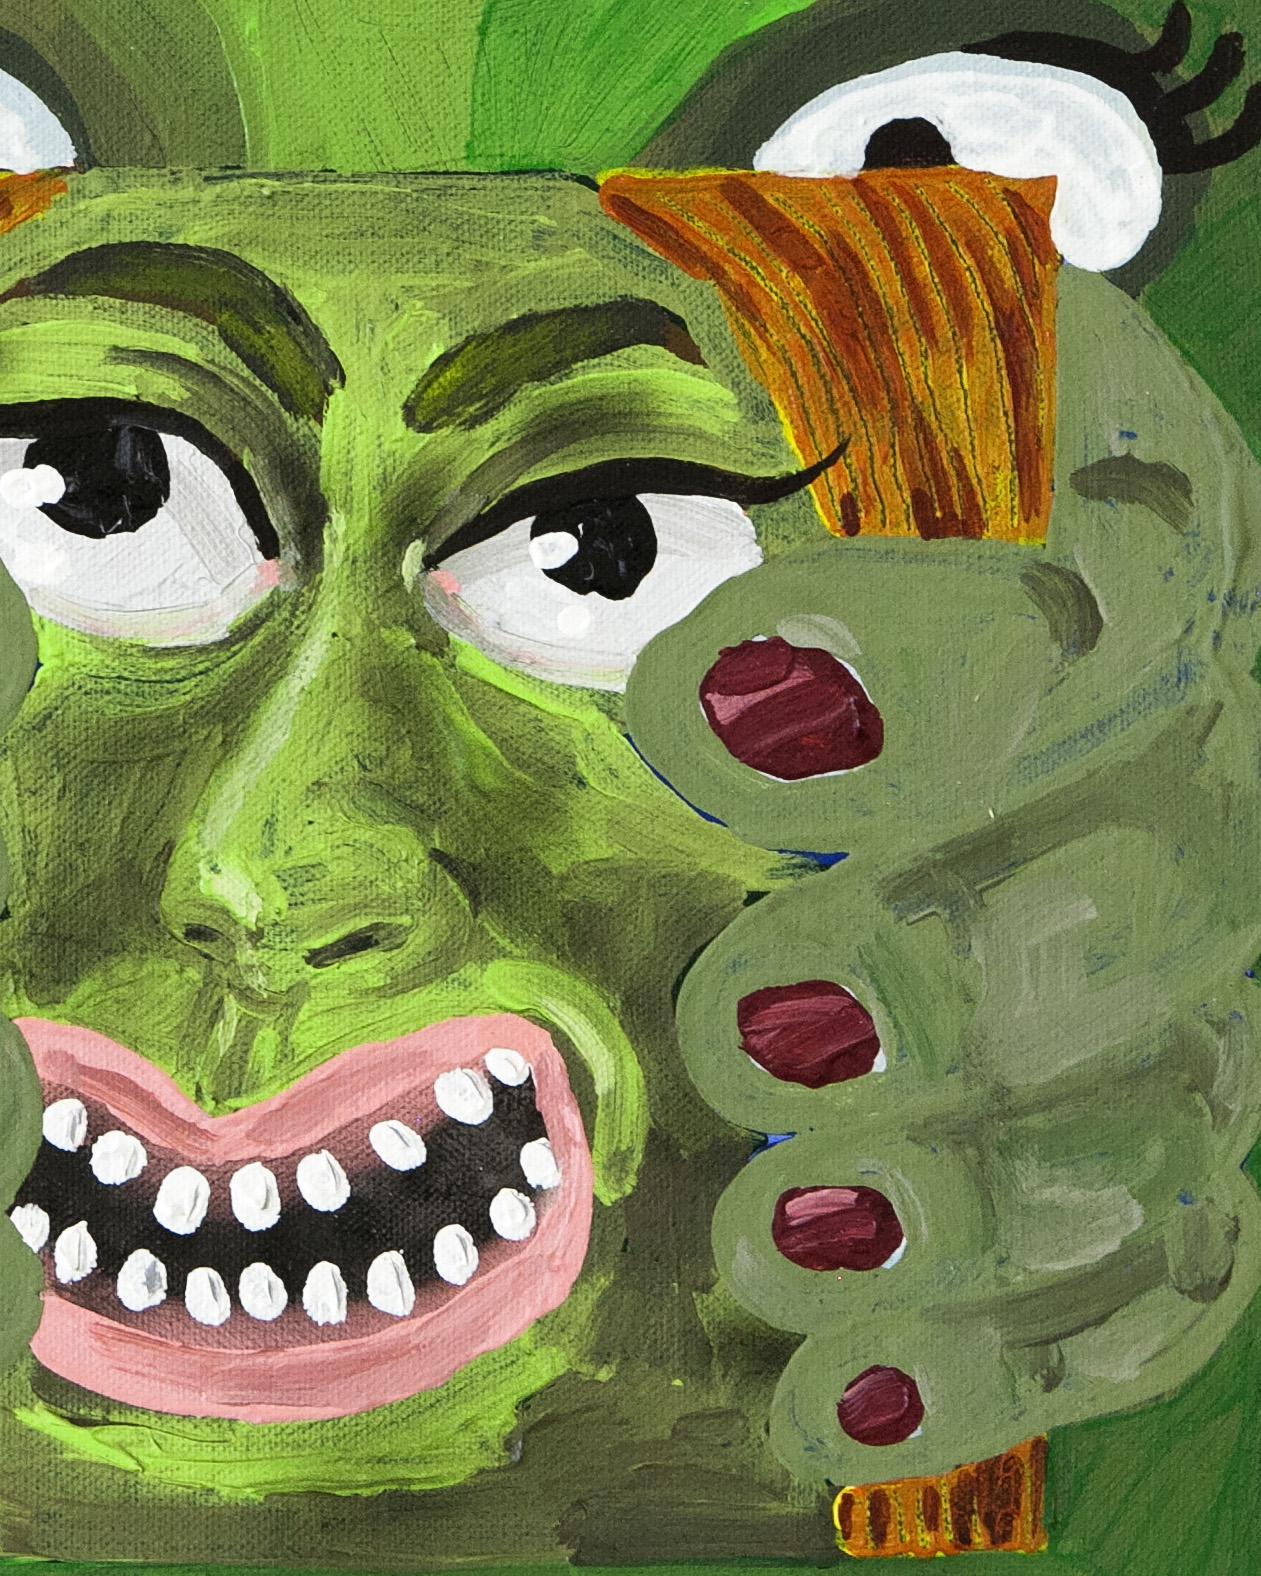 kellenchasuk_greenmask_2.jpg